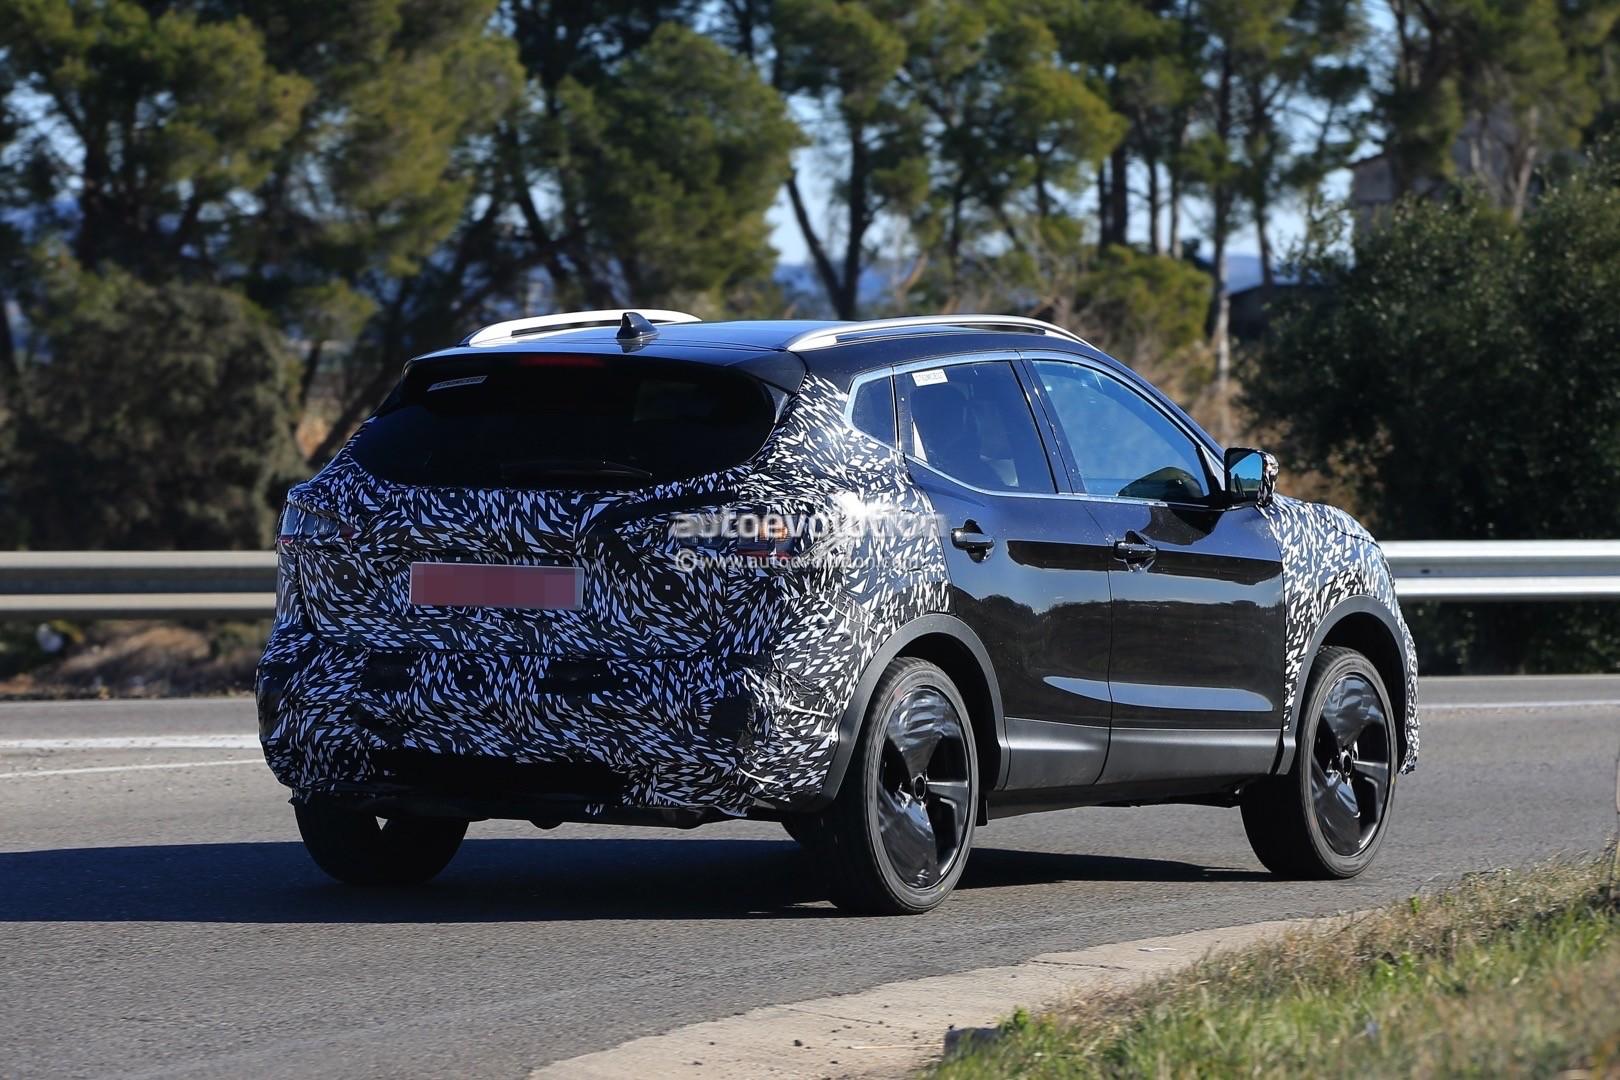 2018 Nissan Qashqai: Facelift, Changes, Autonomous Driving Tech >> 2018 Nissan Qashqai Facelift Spied For The First Time Has